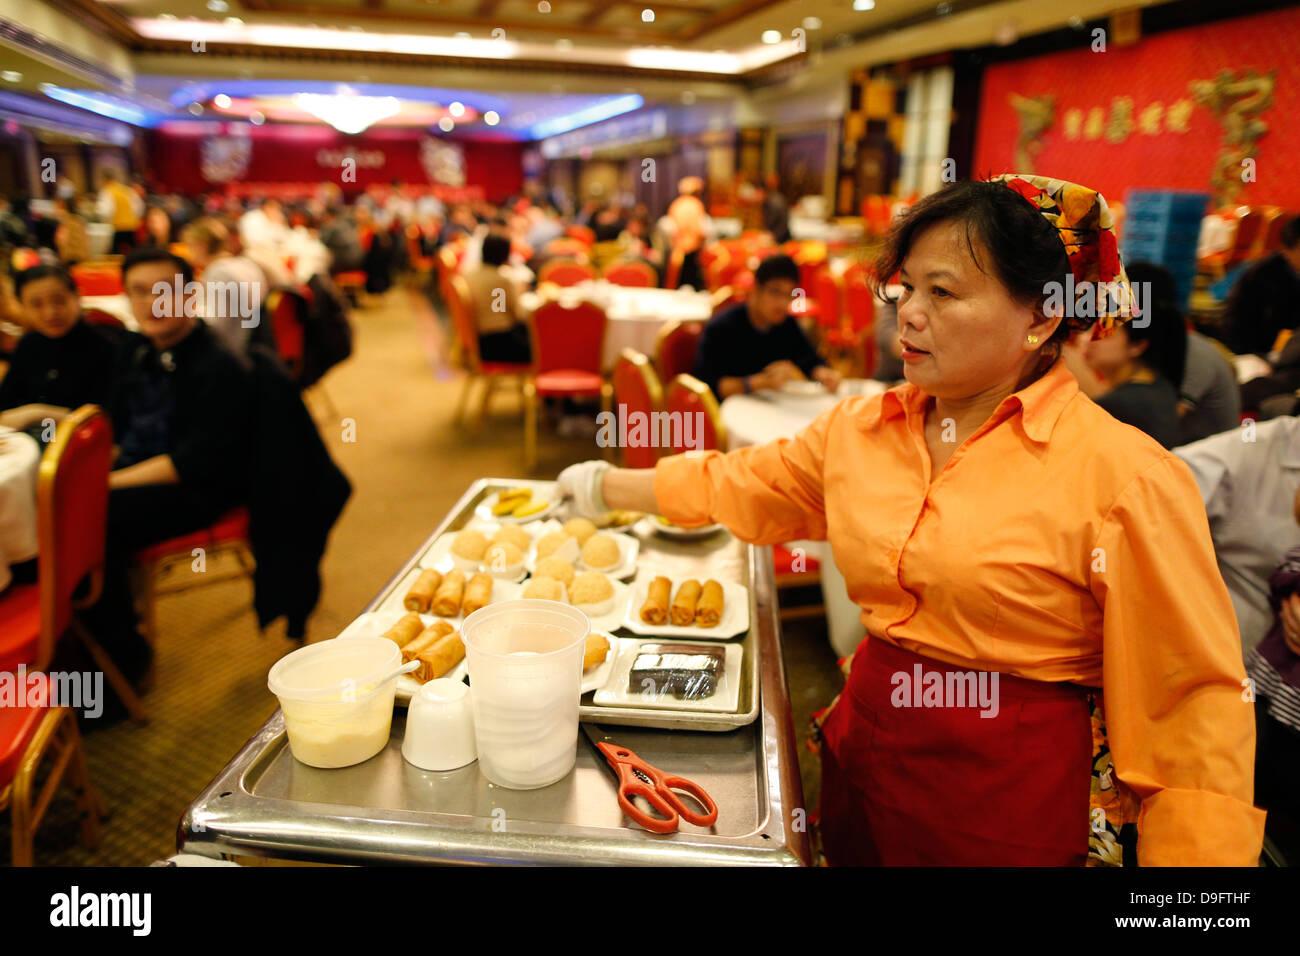 Chinese restaurant, Chinatown, Manhattan, New York, USA - Stock Image